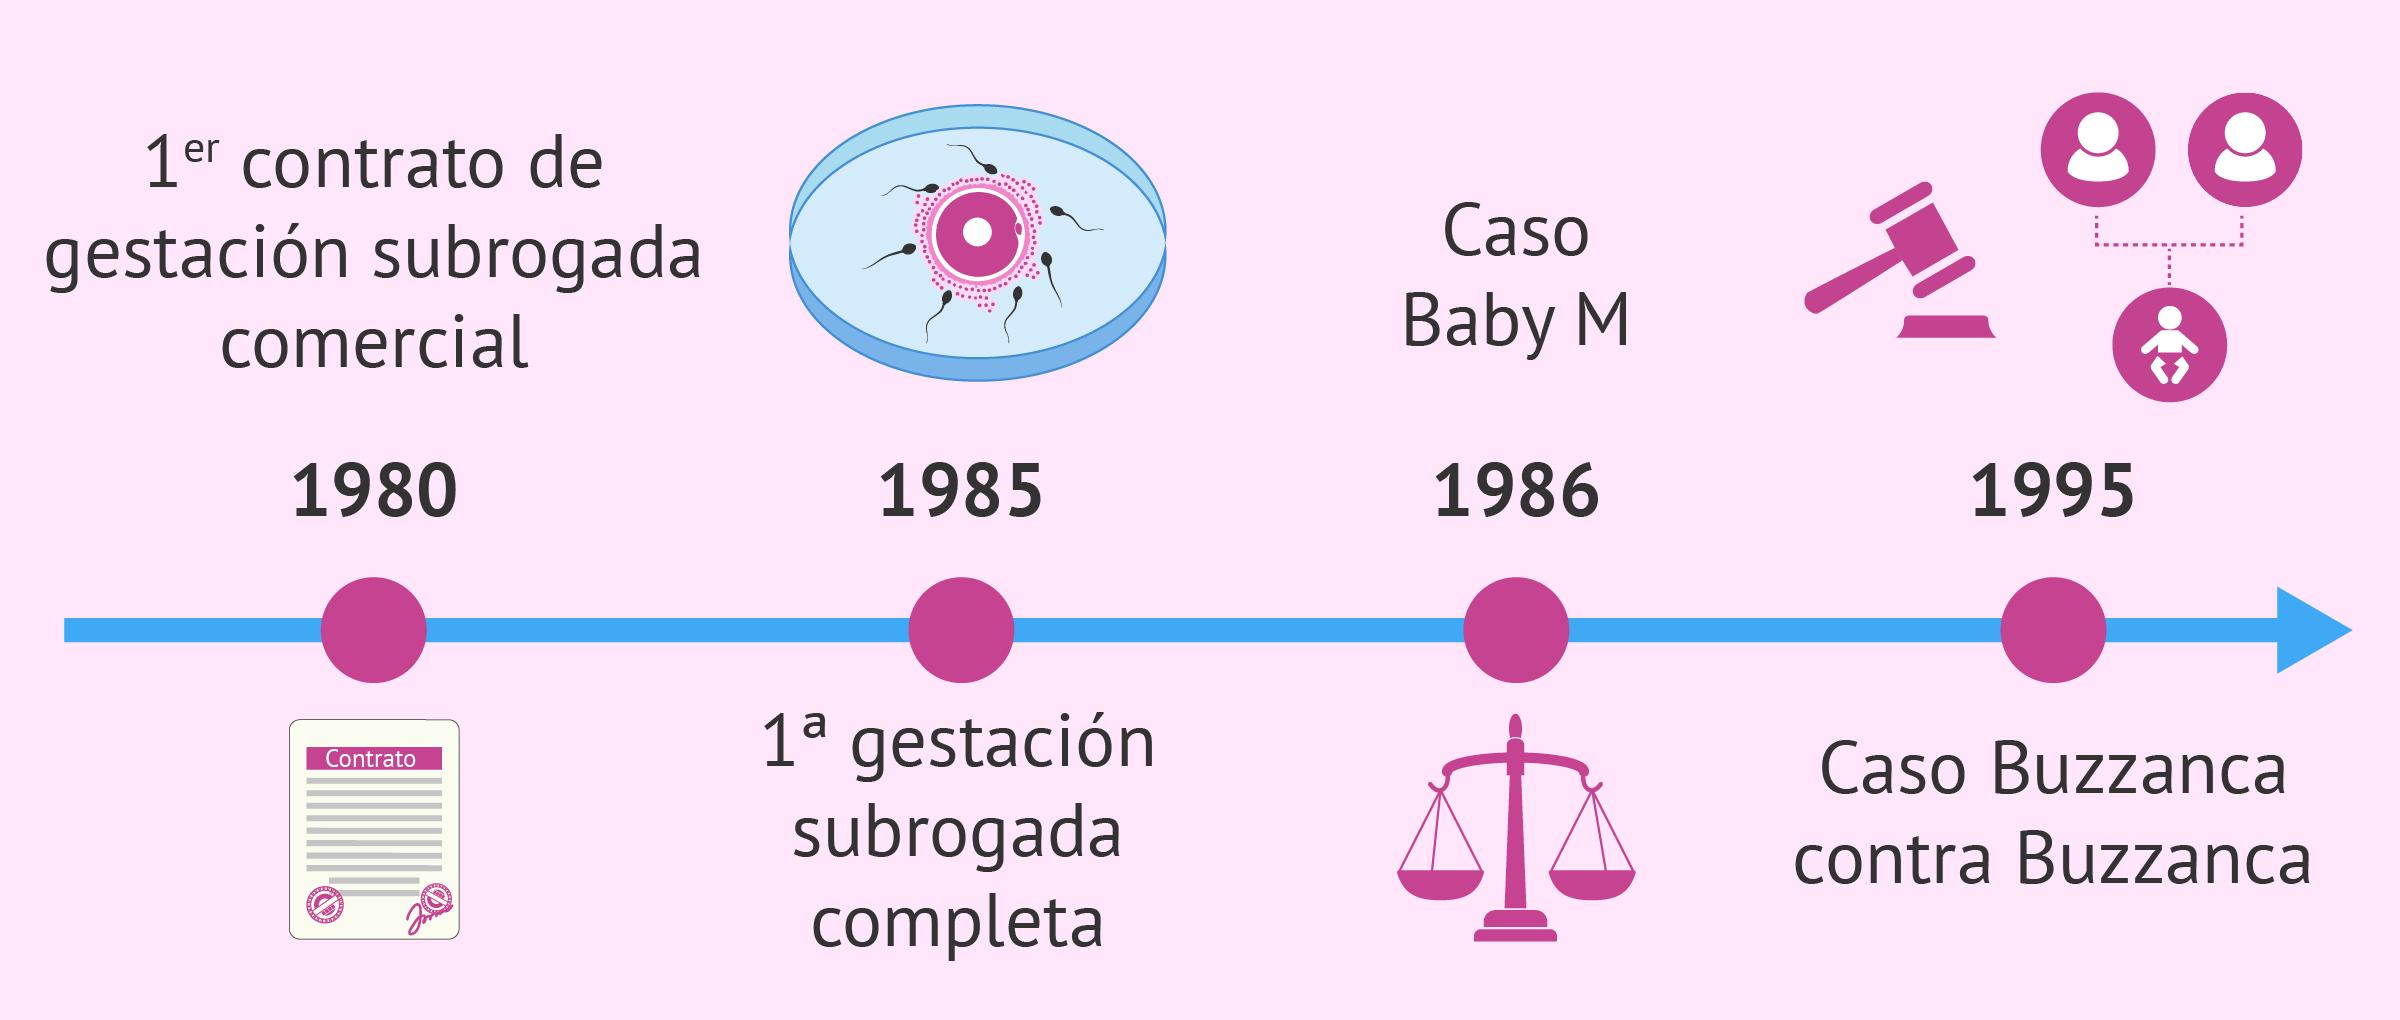 Historia de la gestación subrogada: antecedentes y casos previos